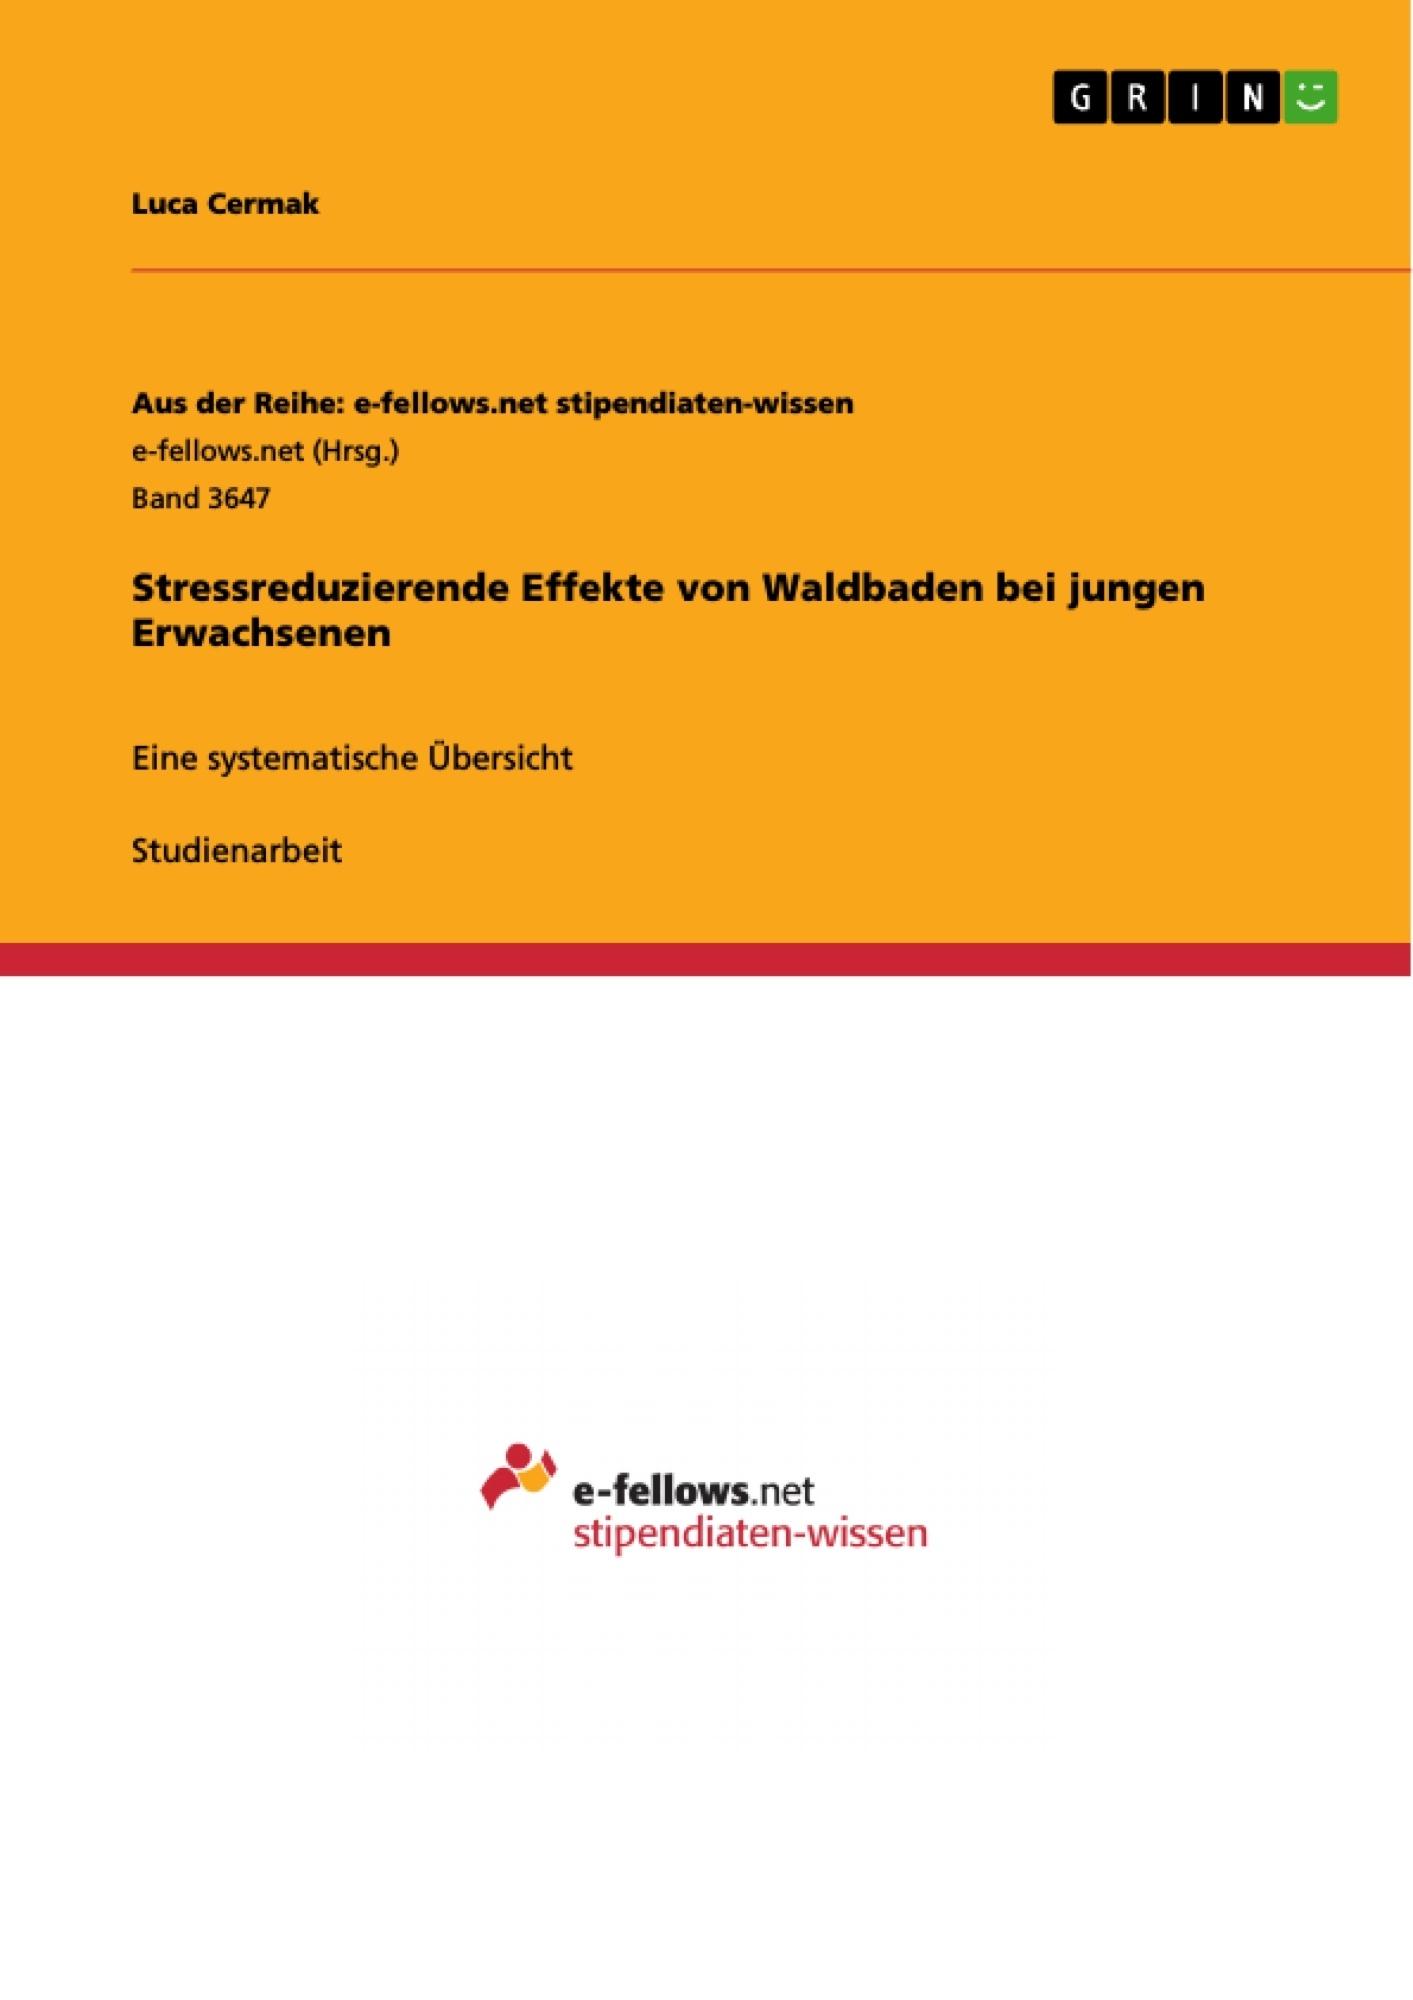 Titel: Stressreduzierende Effekte von Waldbaden bei jungen Erwachsenen